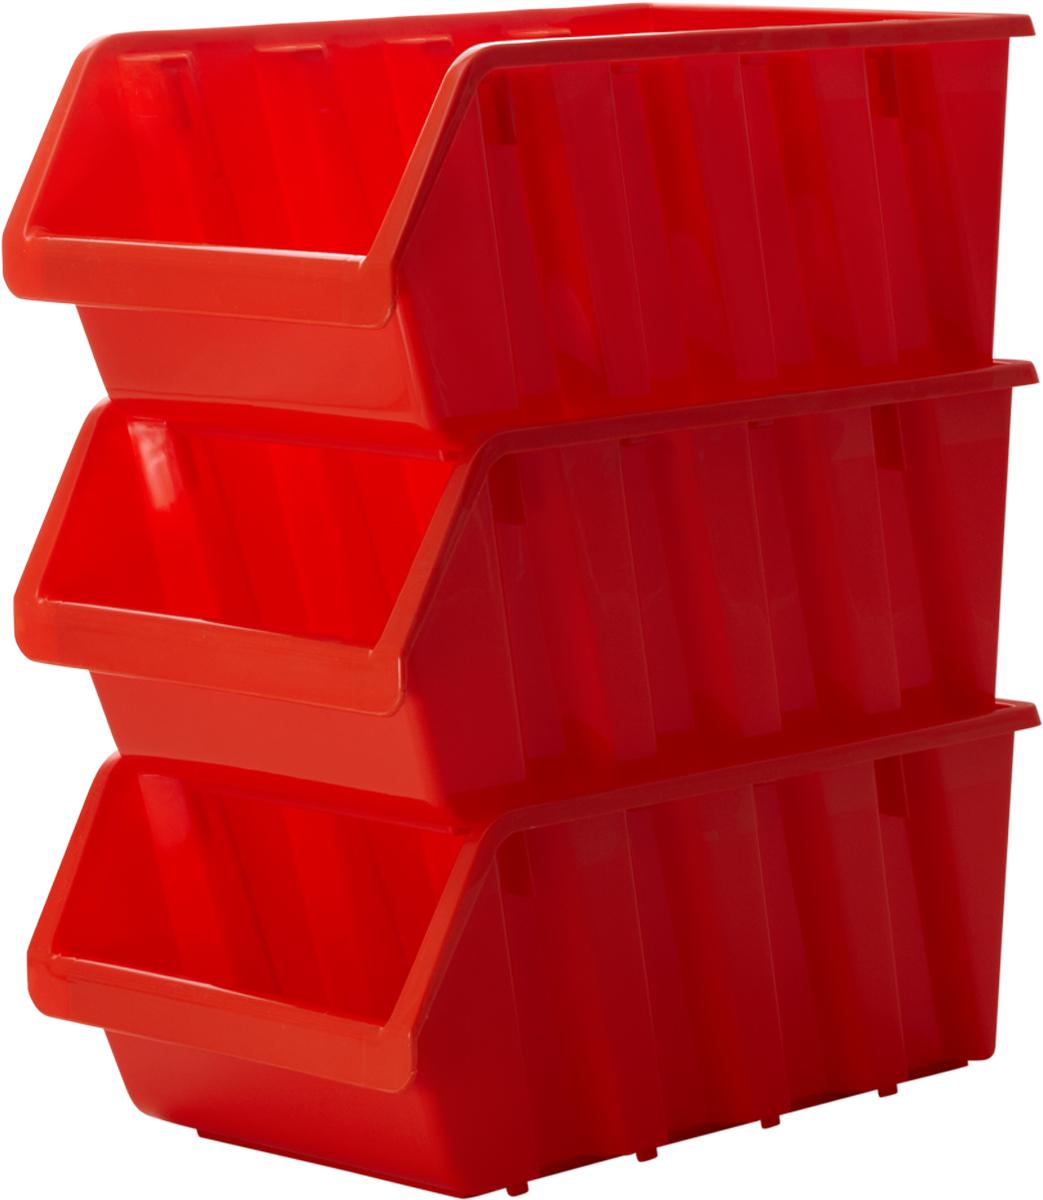 Лоток для метизов Blocker, цвет: оранжевый, 37,5 х 22,5 х 16 смПЦ3742ОРЛоток Blocker, выполненный из высококачественного пластика, предназначендля хранения крепежа и мелкого инструмента. Имеется возможностьсоединения нескольких лотков одинакового размера в единый блок. Лотки надежно ставятся друг на друга за счет специальной системы крепления. Оптимальная конструкция передней части для удобного вынимания метизов.